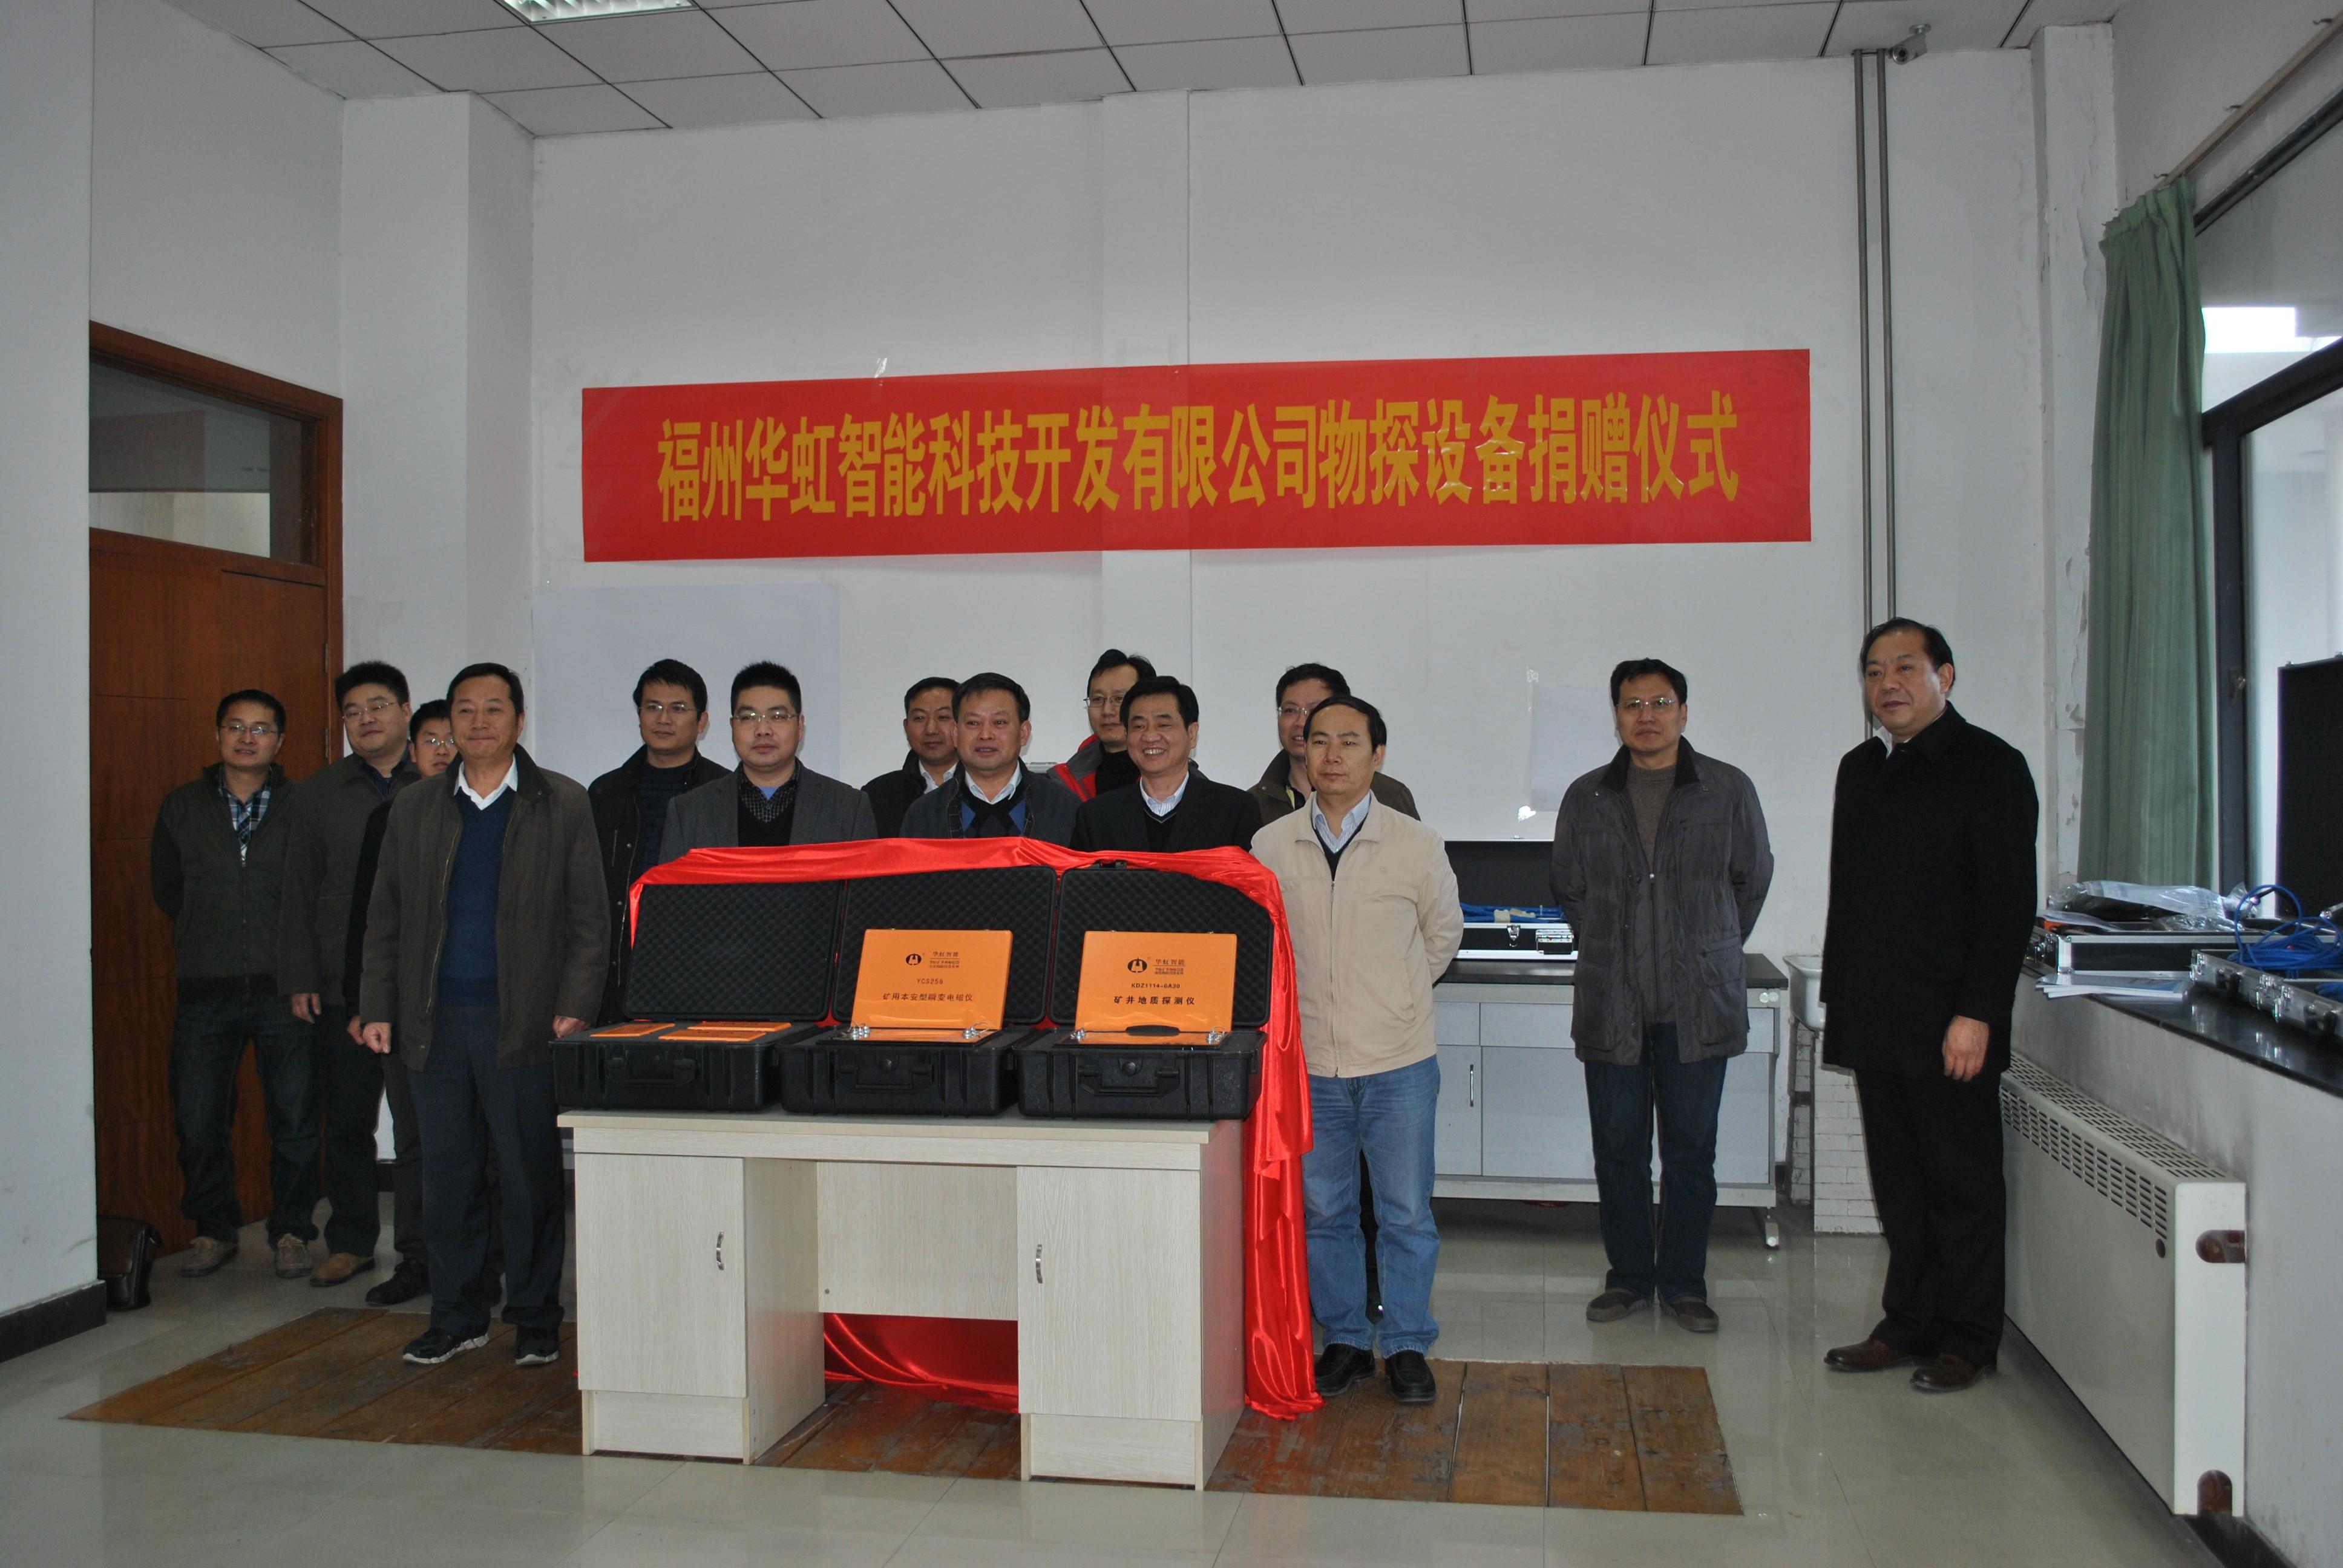 福州华虹智能科技开发有限公司总经理李培根先生代表